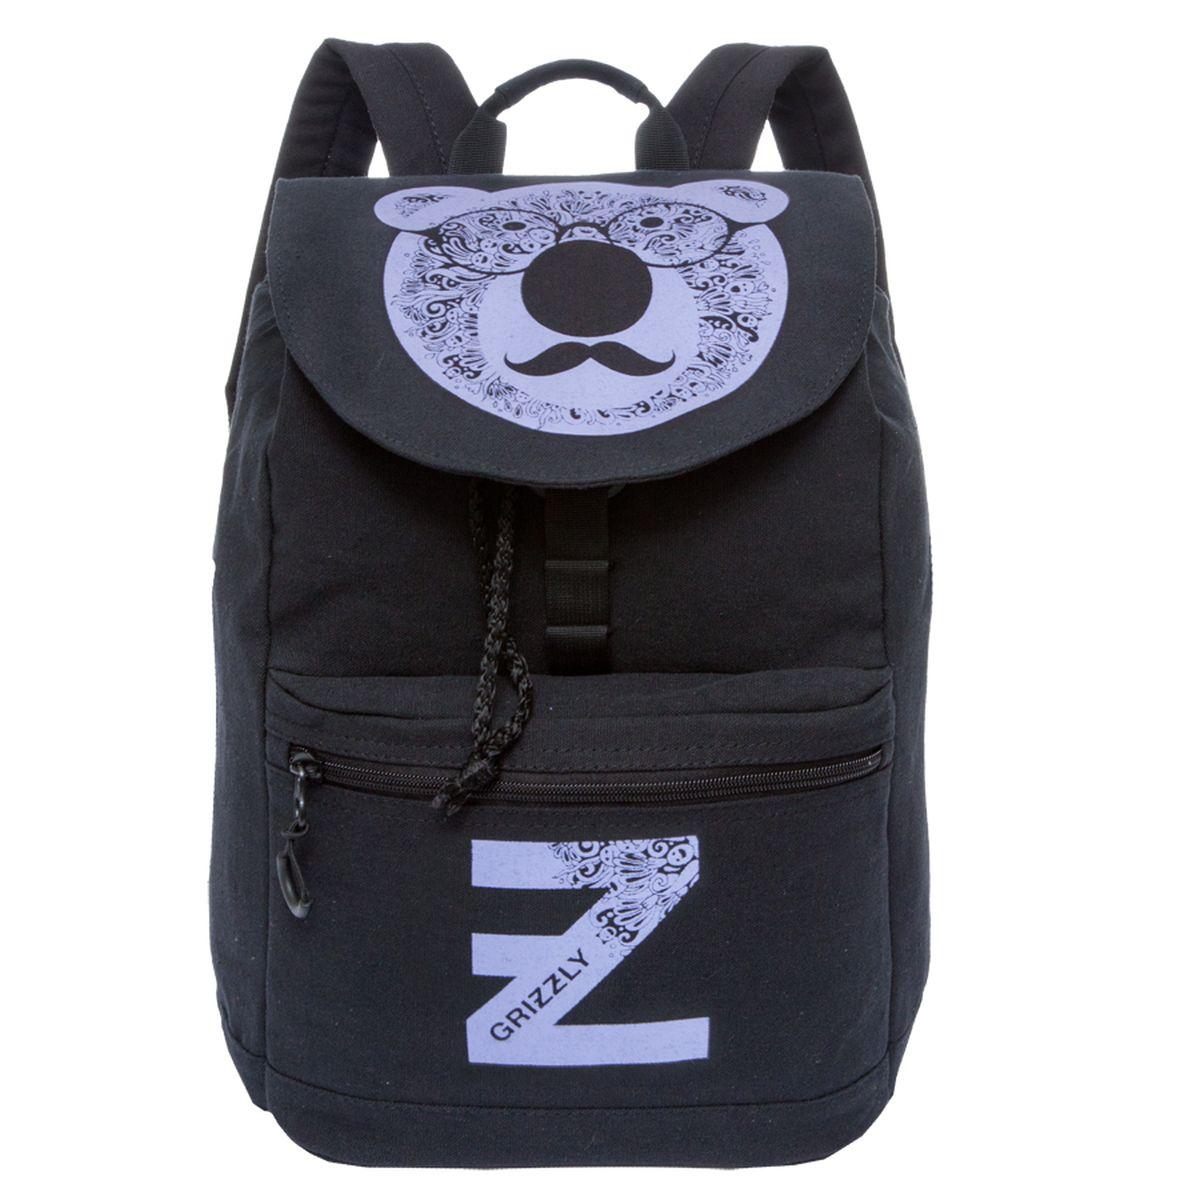 Рюкзак молодежный Grizzly, цвет: черный-лиловый. 18 л. RD-744-1/3H009Рюкзак молодежный, одно отделение, клапан на пряжке-крючкеобъемный карман на молнии на передней стенке, карман для гаджета,внутренний карман на молнии, укрепленная спинка, дополнительная ручка-петля, укрепленные лямки, закрывается затягивающимся шнуром